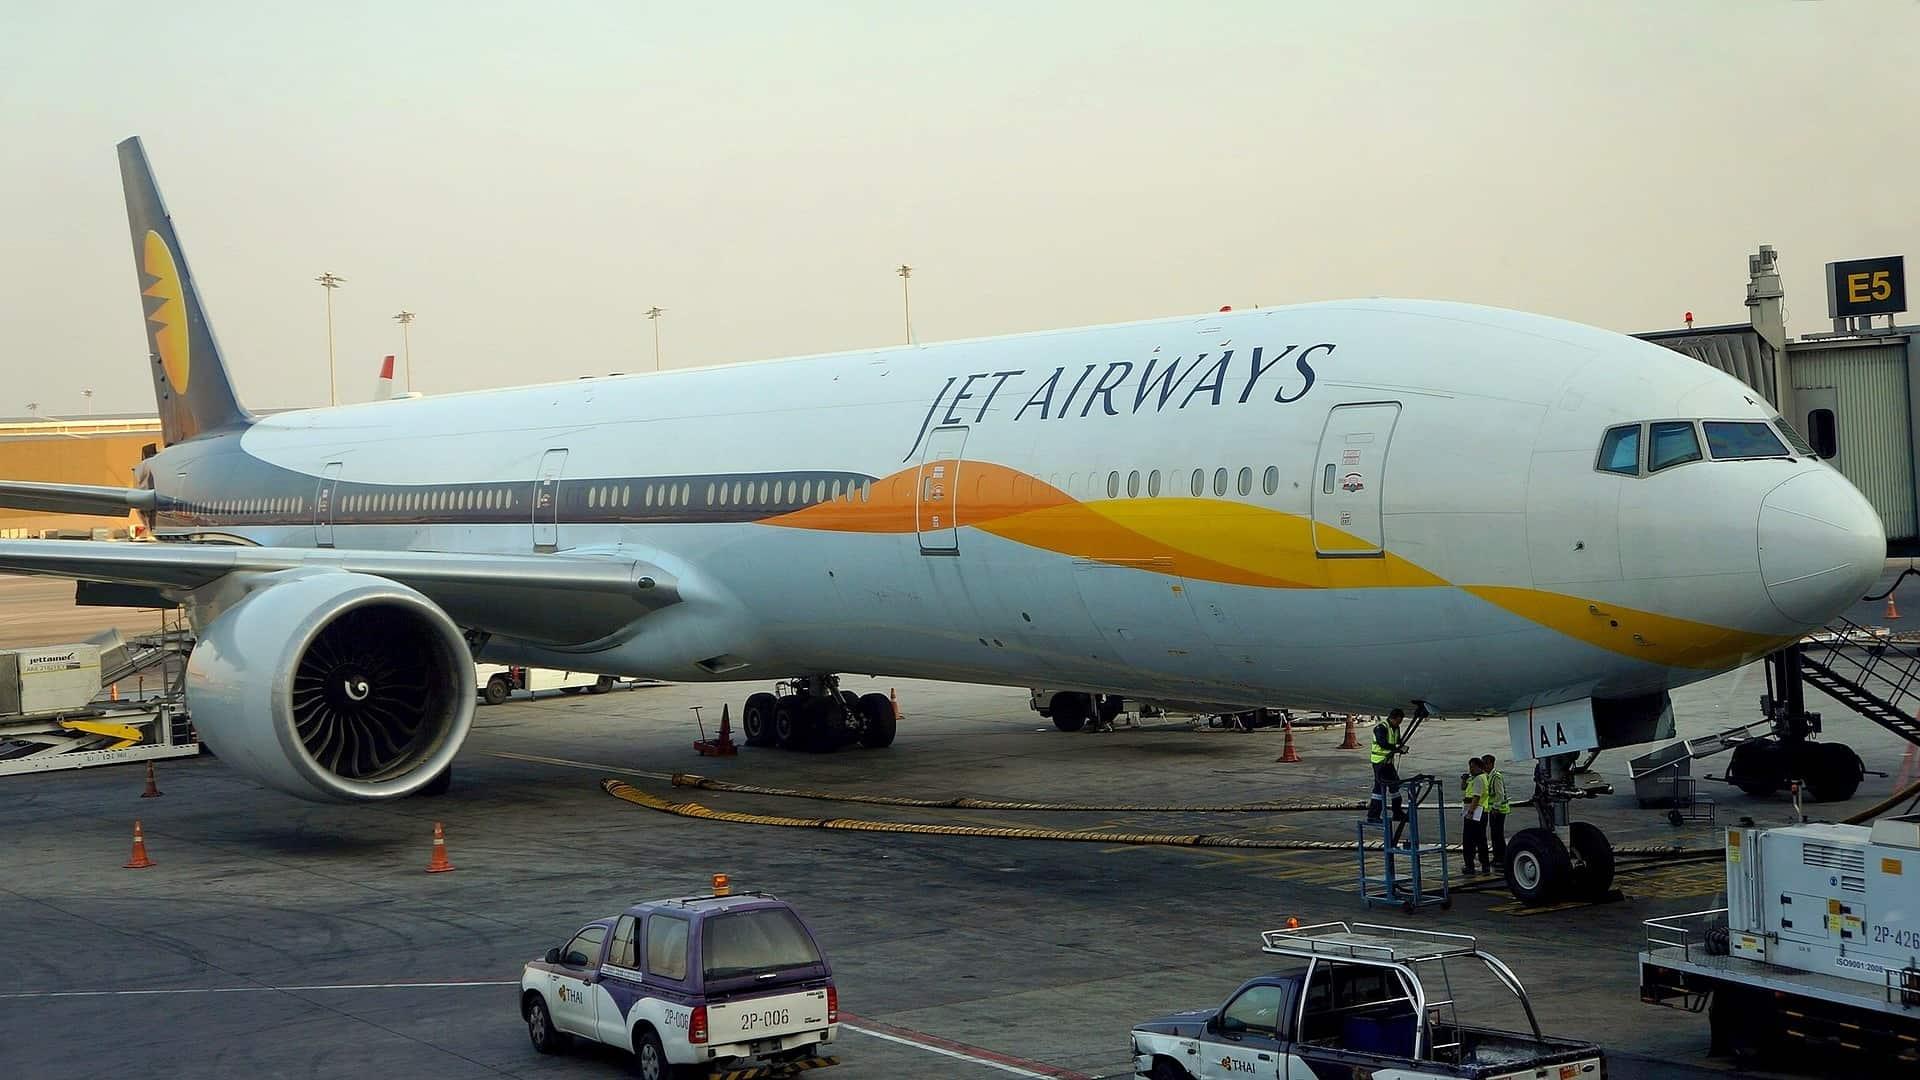 Jet Airways blog